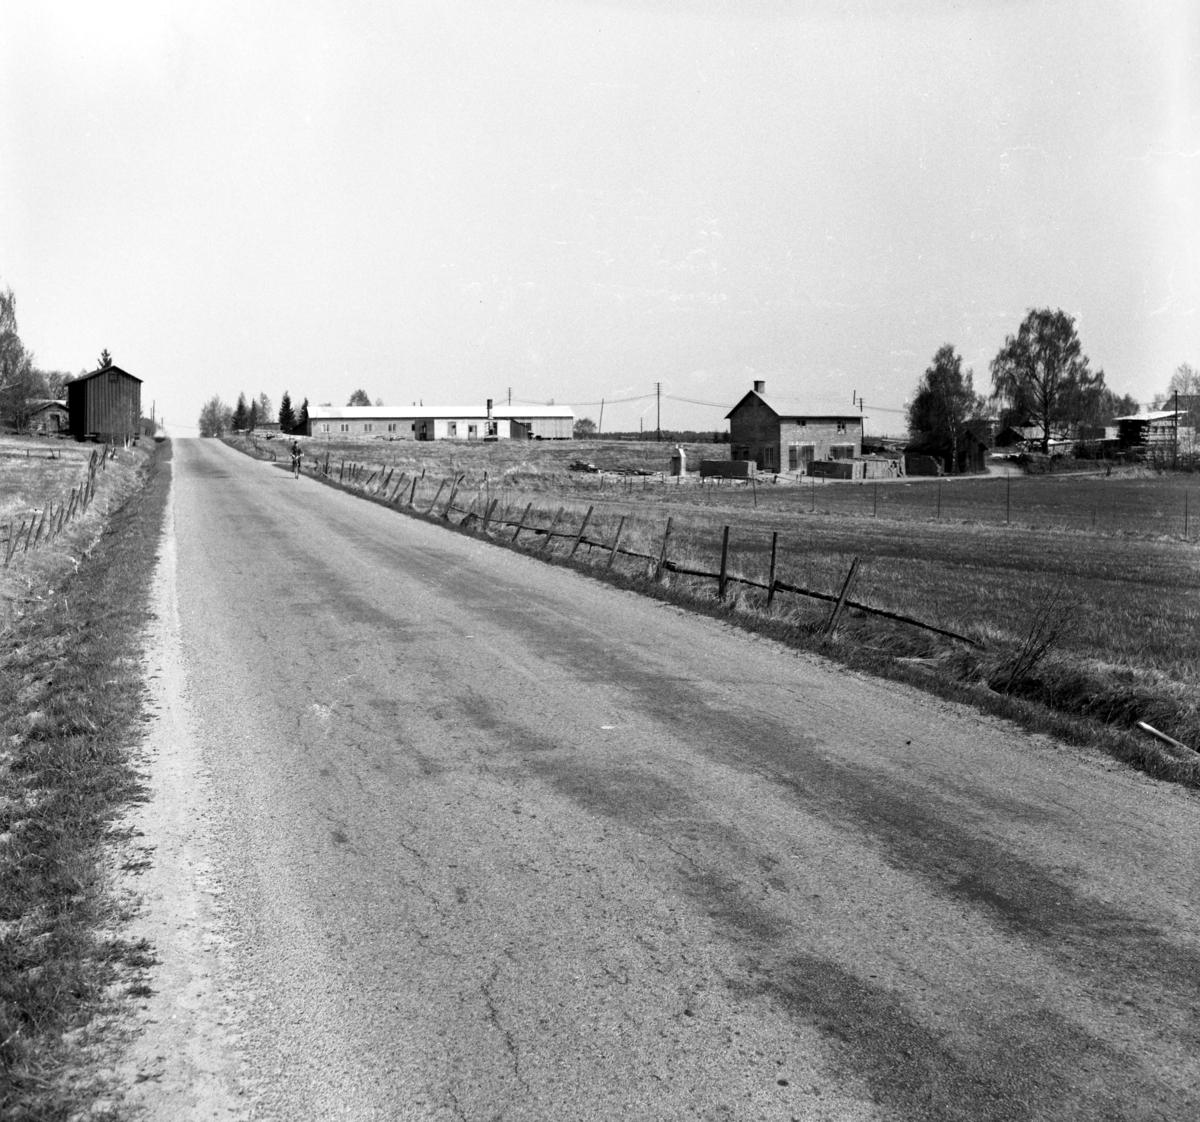 Någonstans i Värmland - från slutet av 1950-talet: Forshaga. Byggnaden i bakgrunden till vänster om vägen är Grosssbolsmagasinet som numera återfinns på hembygdsgårtden Bråtarna.